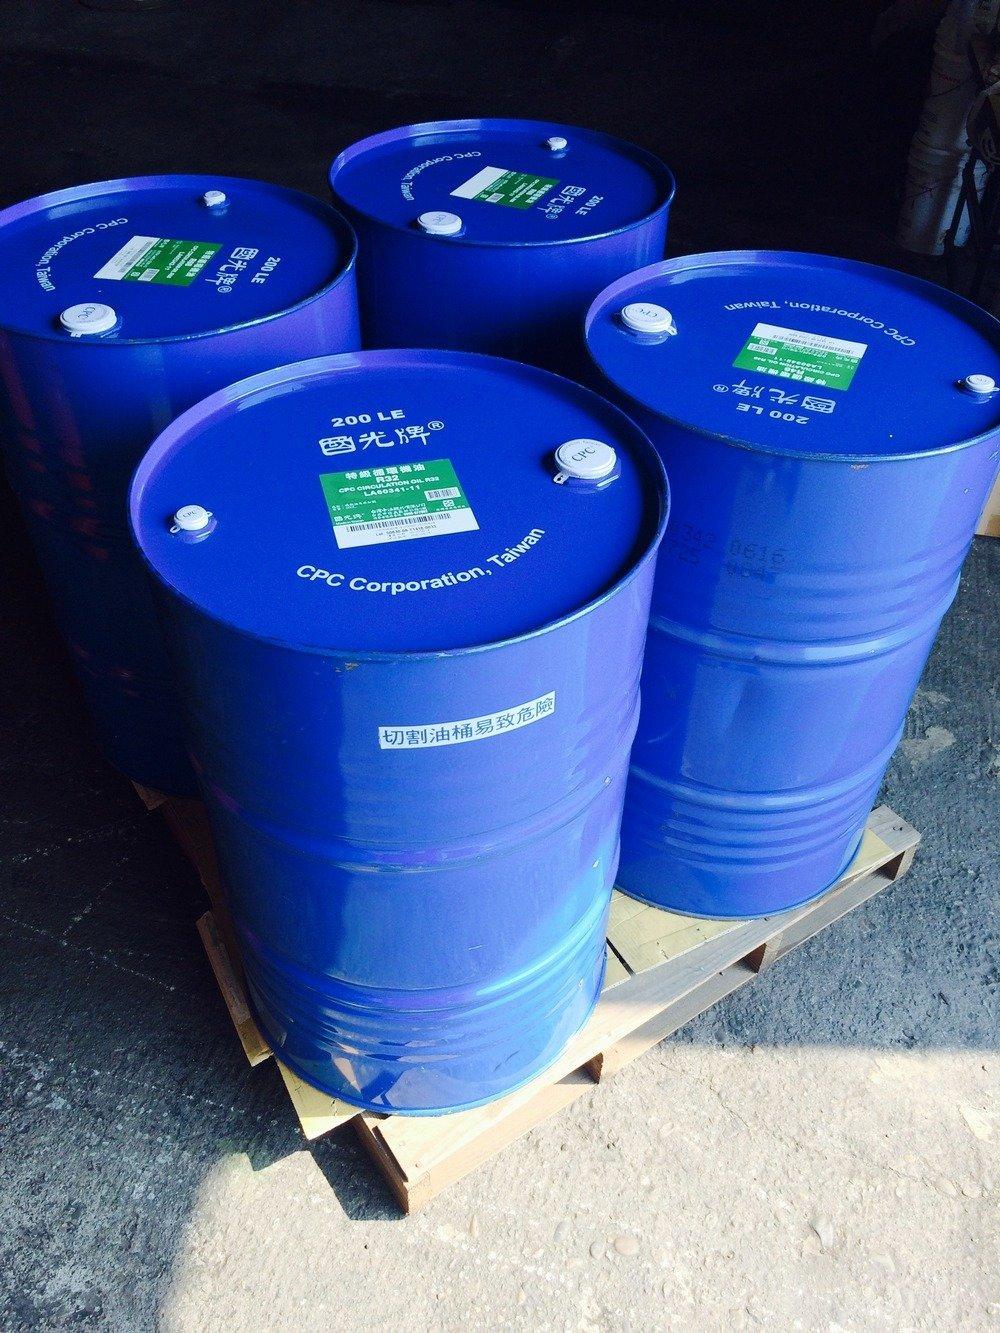 【中油CPC-國光牌】特級循環機油、R68、200公升【循環冷卻系統】